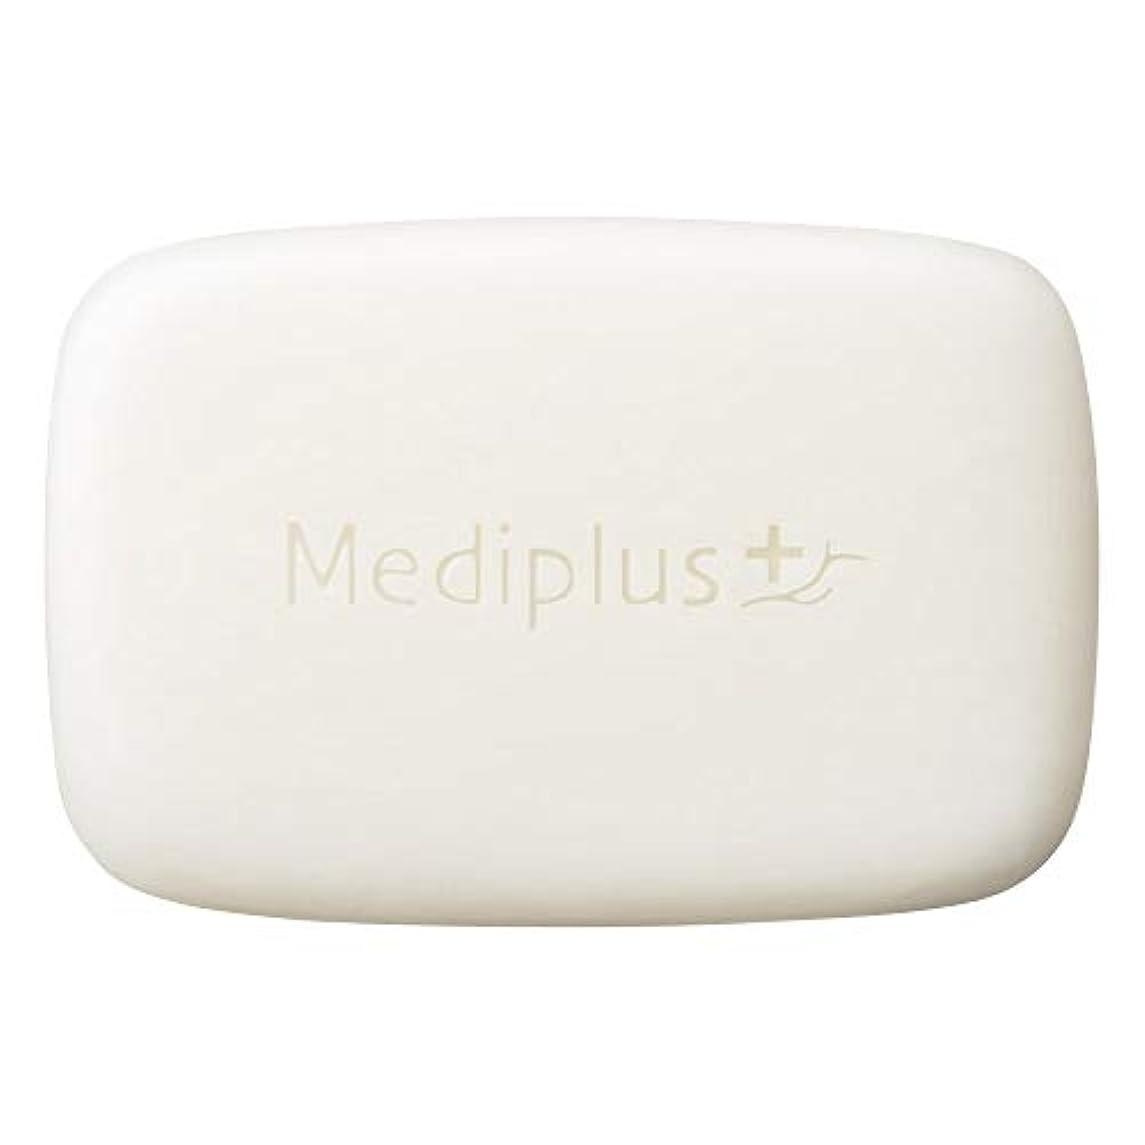 凝縮するお互い是正mediplus メディプラス オイルクリームソープ 60g(約2か月分)